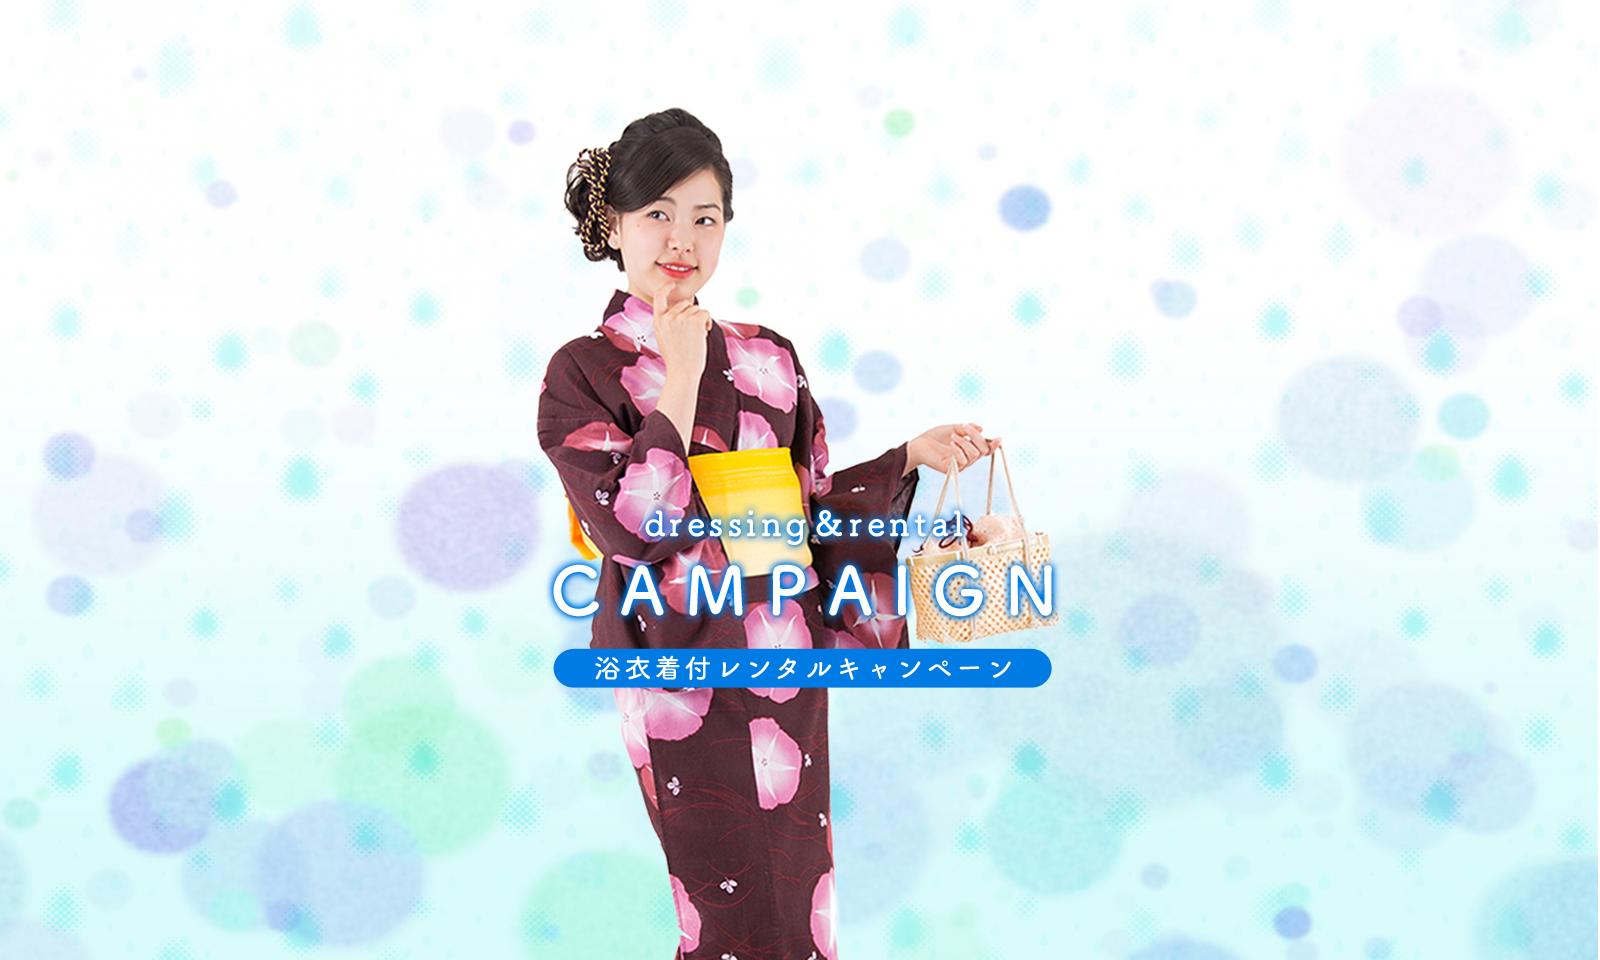 着付け・レンタルキャンペーン